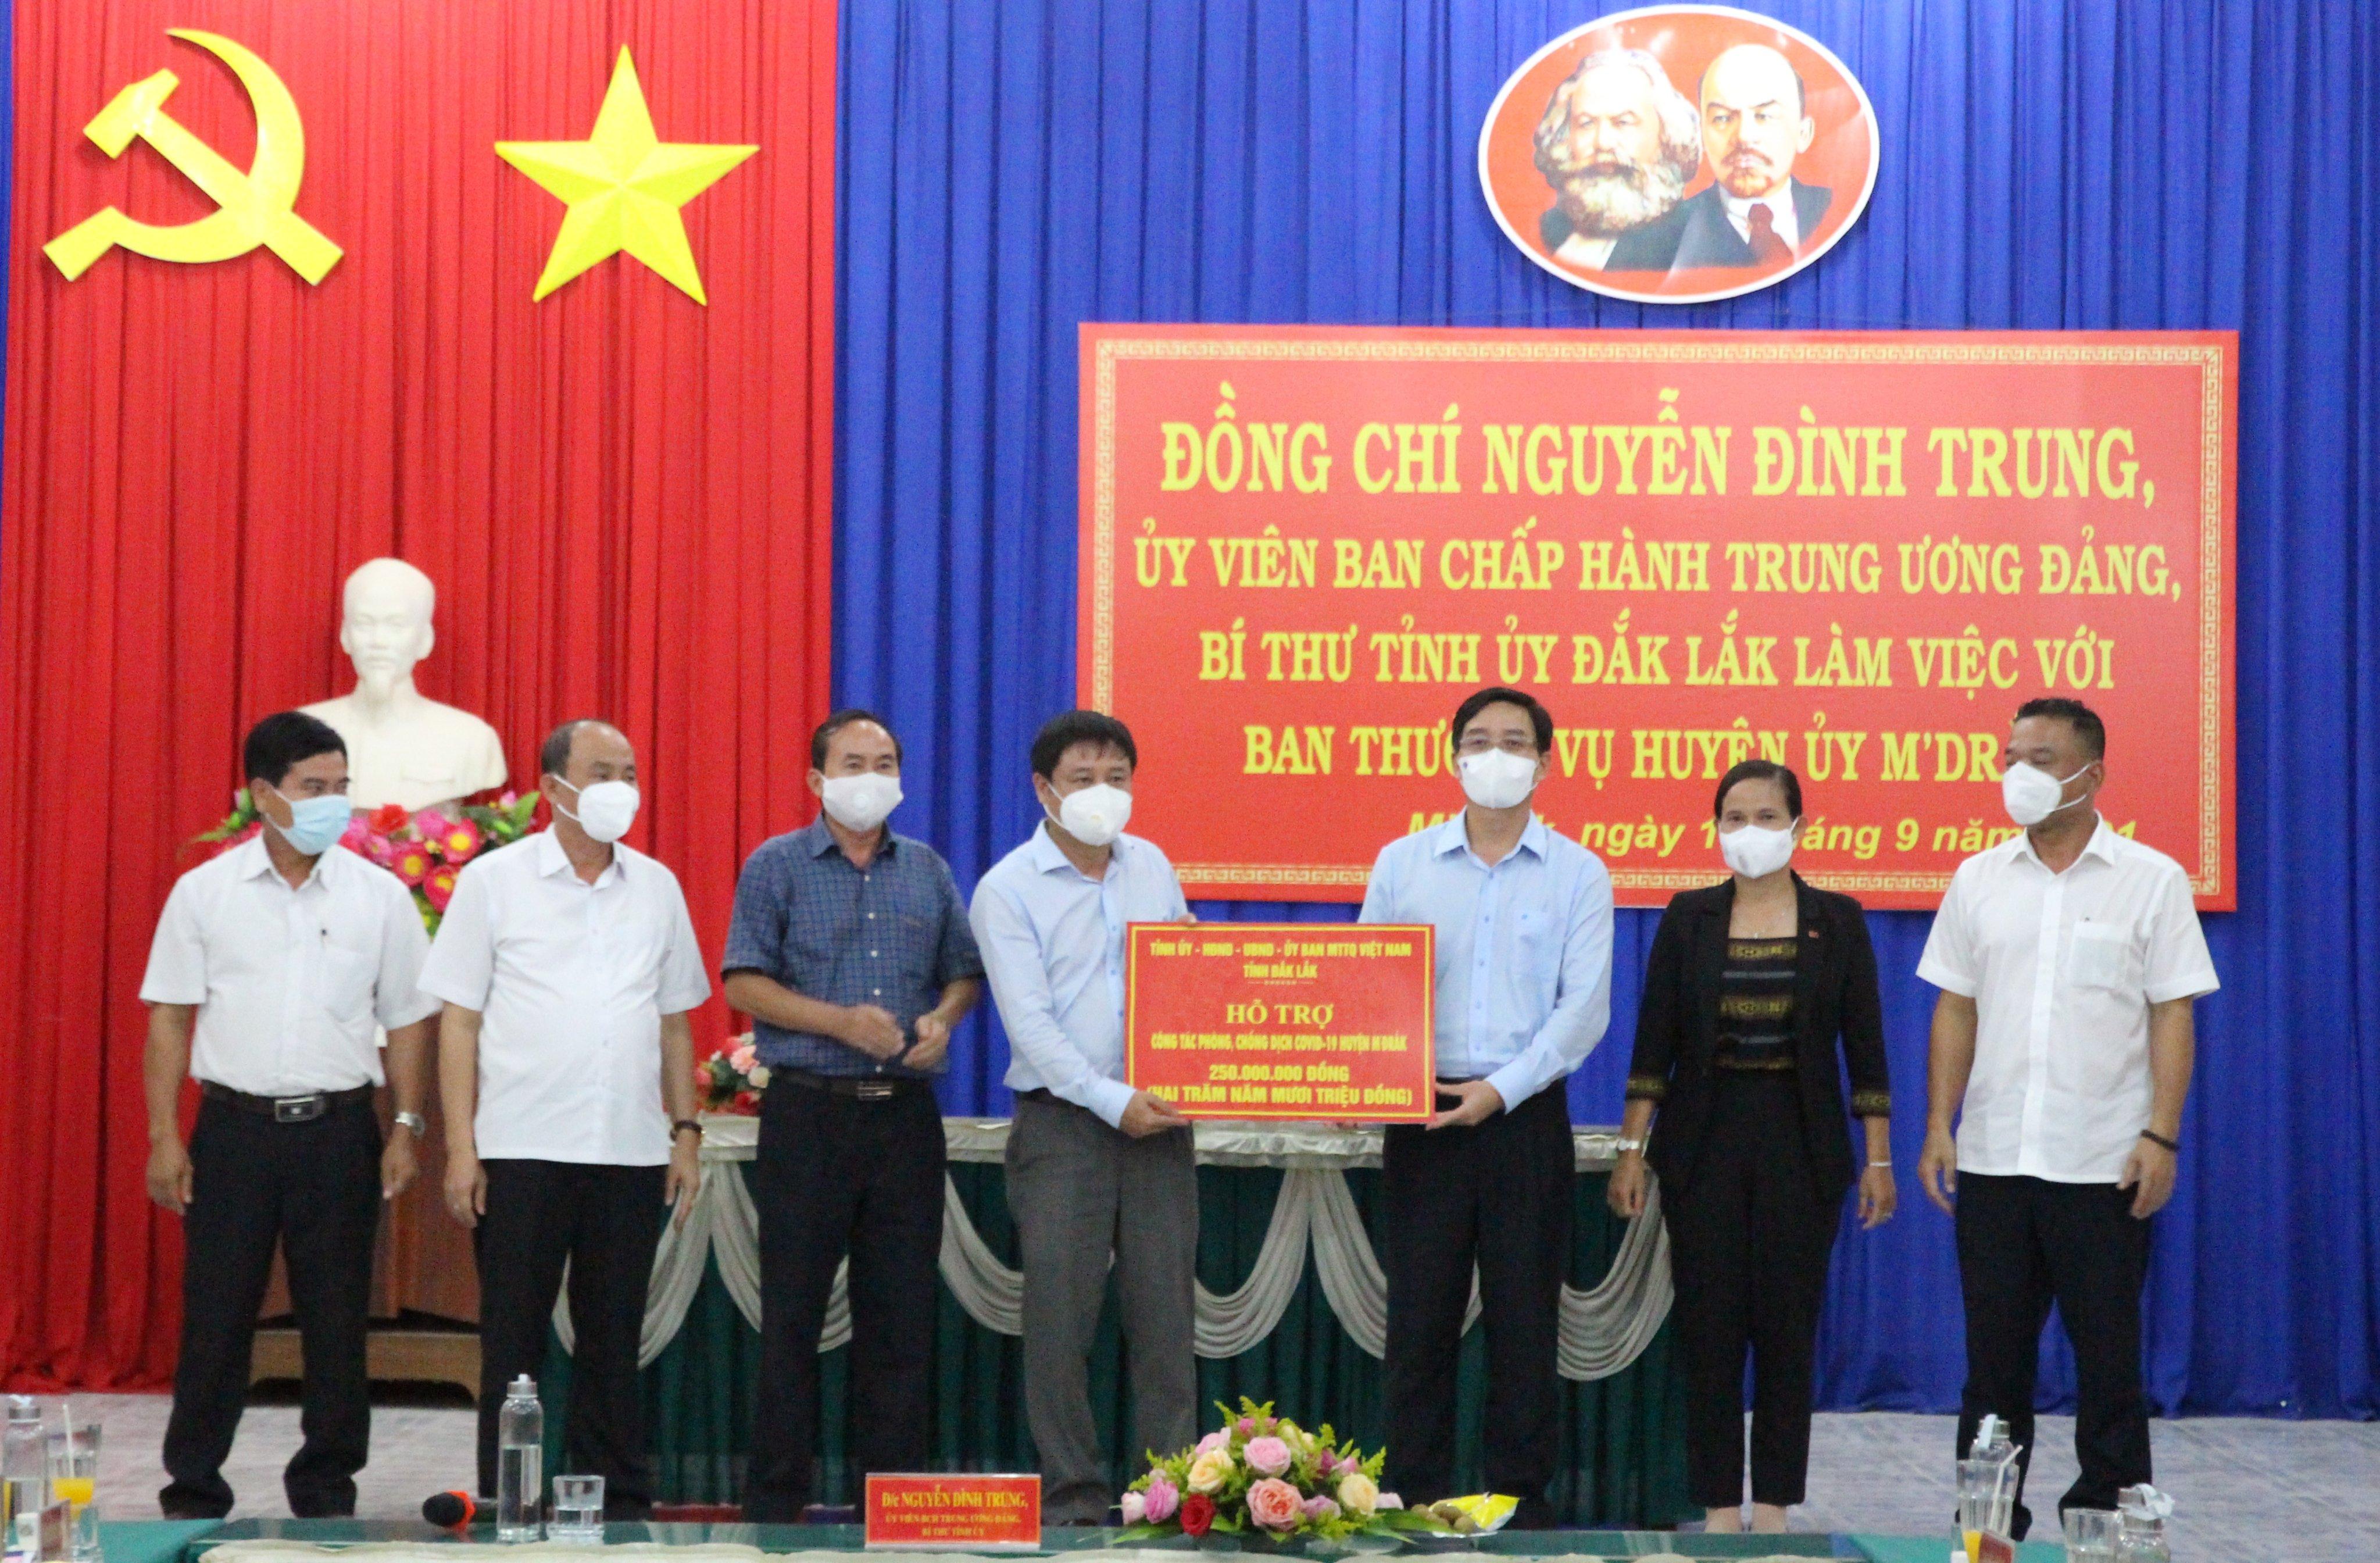 Bí thư Tỉnh ủy Nguyễn Đình Trung làm việc với Ban Thường vụ Huyện ủy M'Drắk